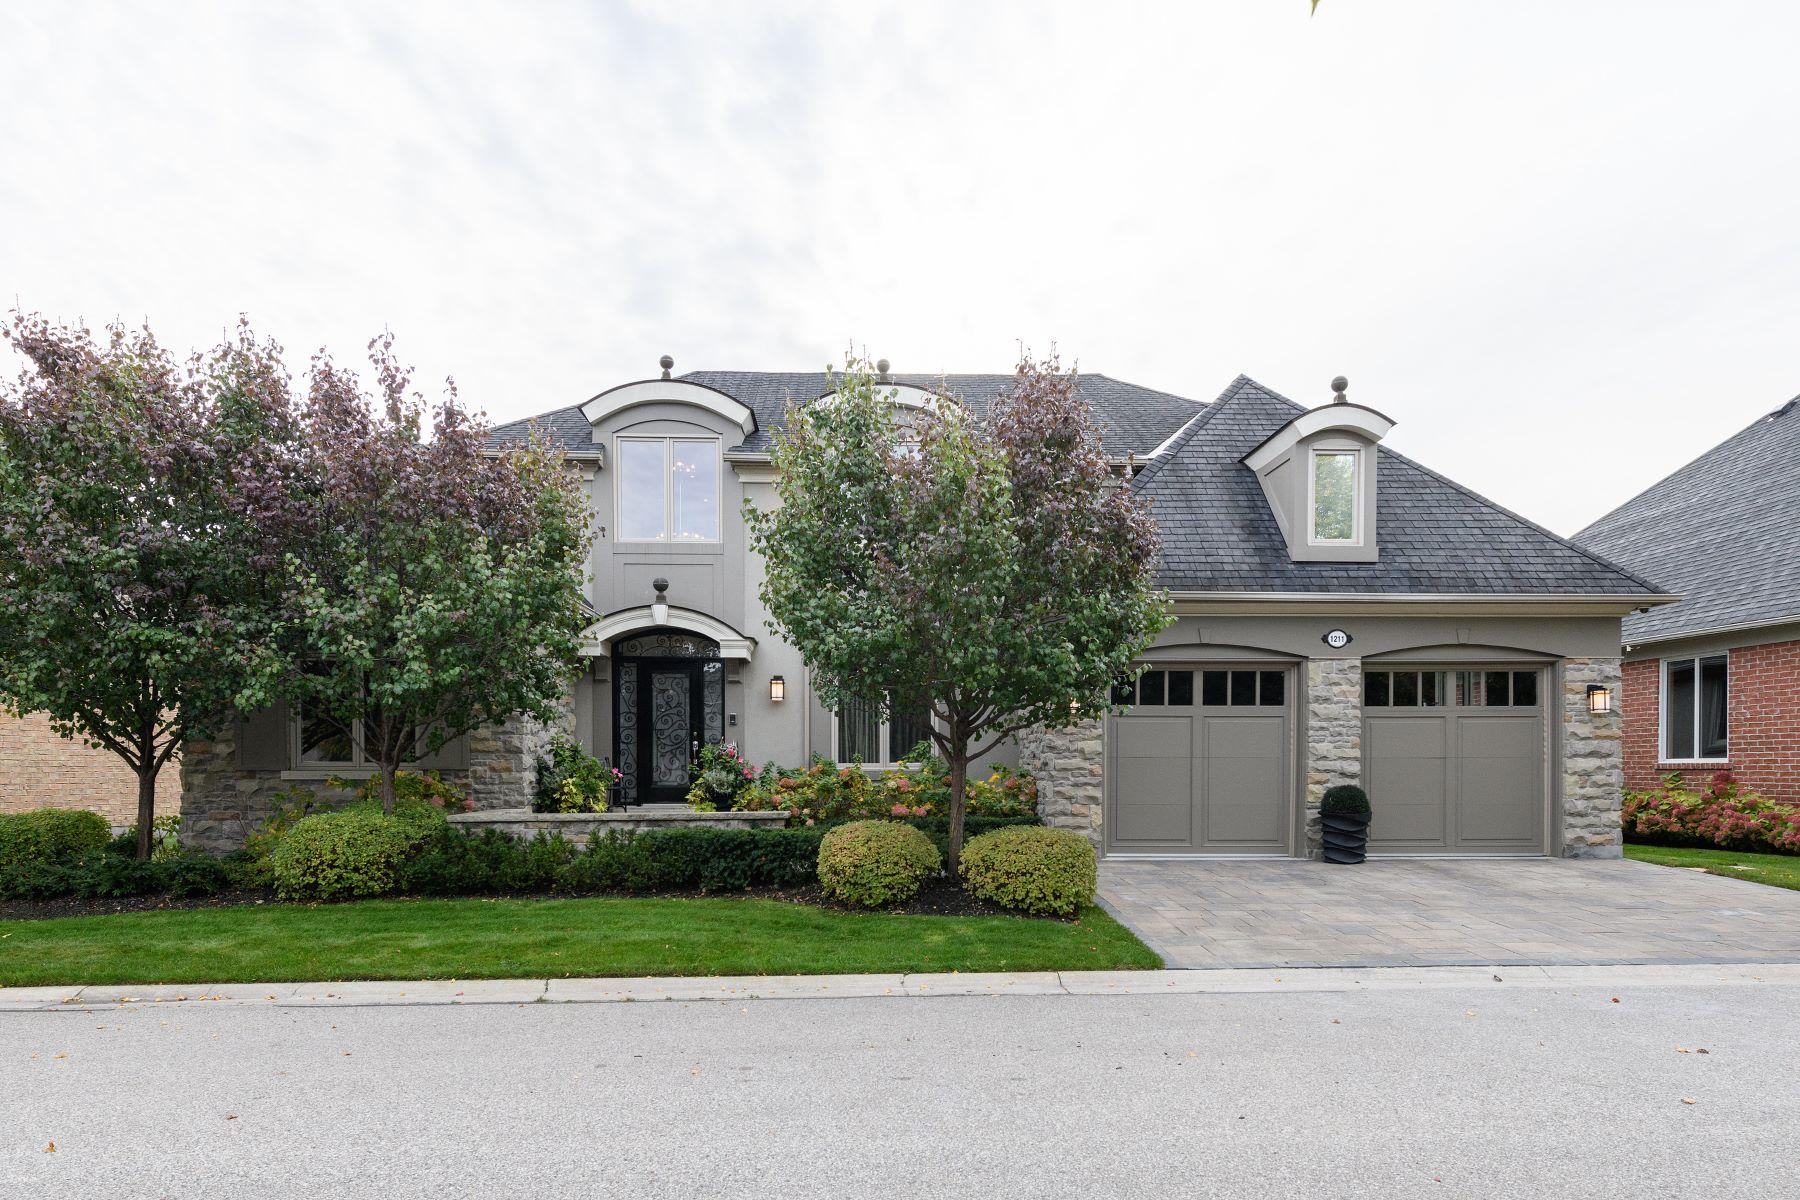 独户住宅 为 销售 在 Immaculate Bungaloft 1211 Burrowhill Lane, 米西索加, 安大略省, L5H 4M7 加拿大